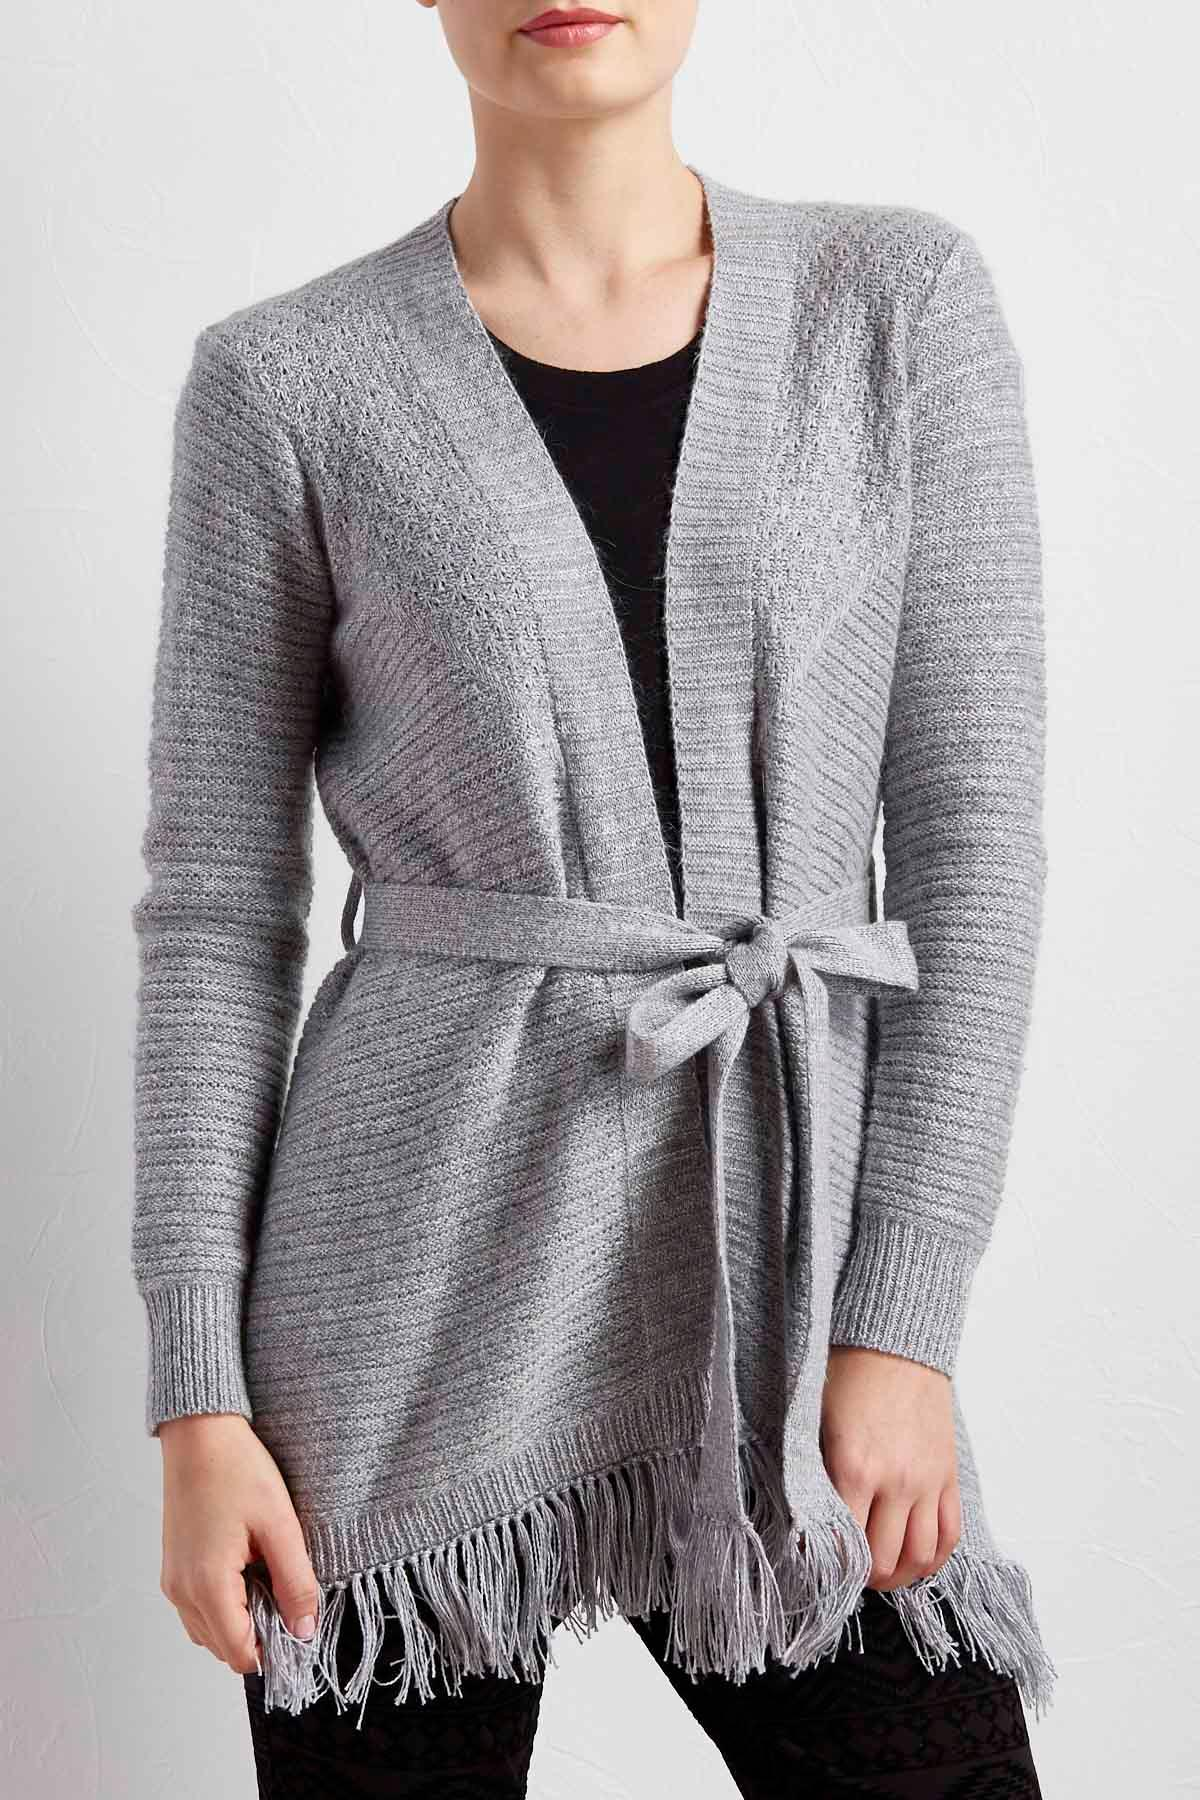 Belted Fringe Sweater